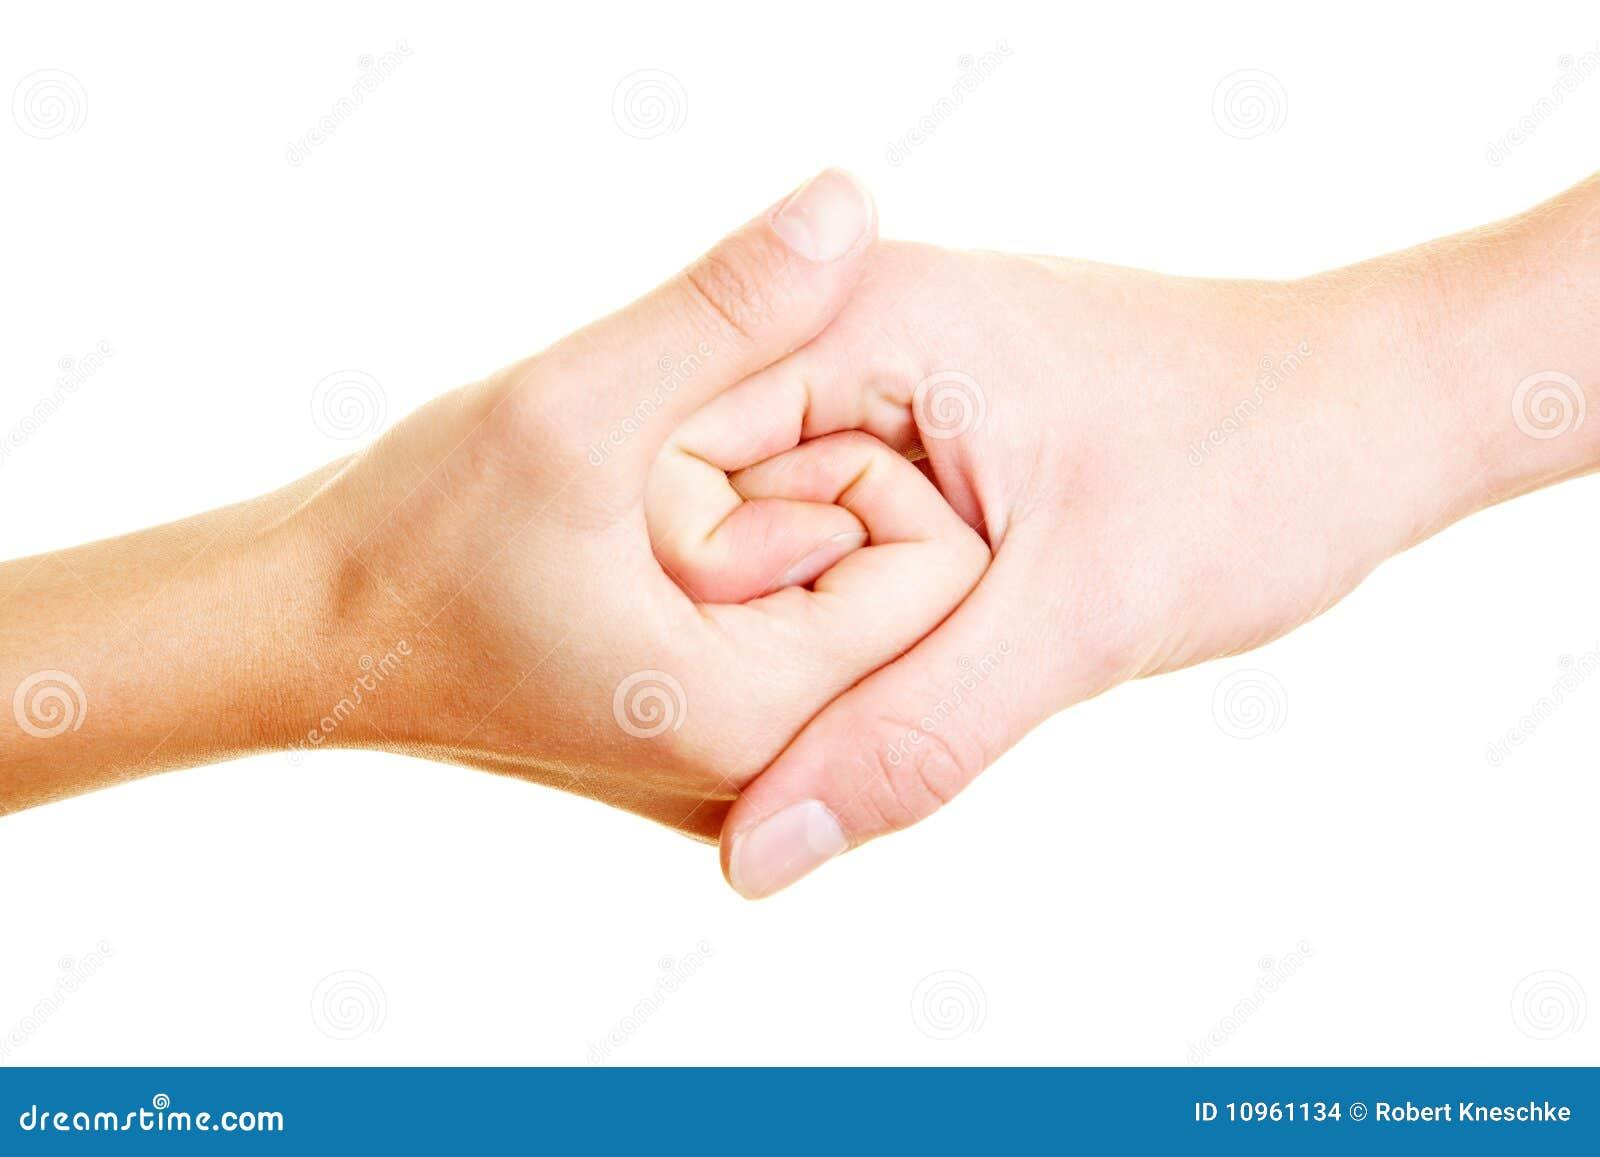 Espiral en la mano